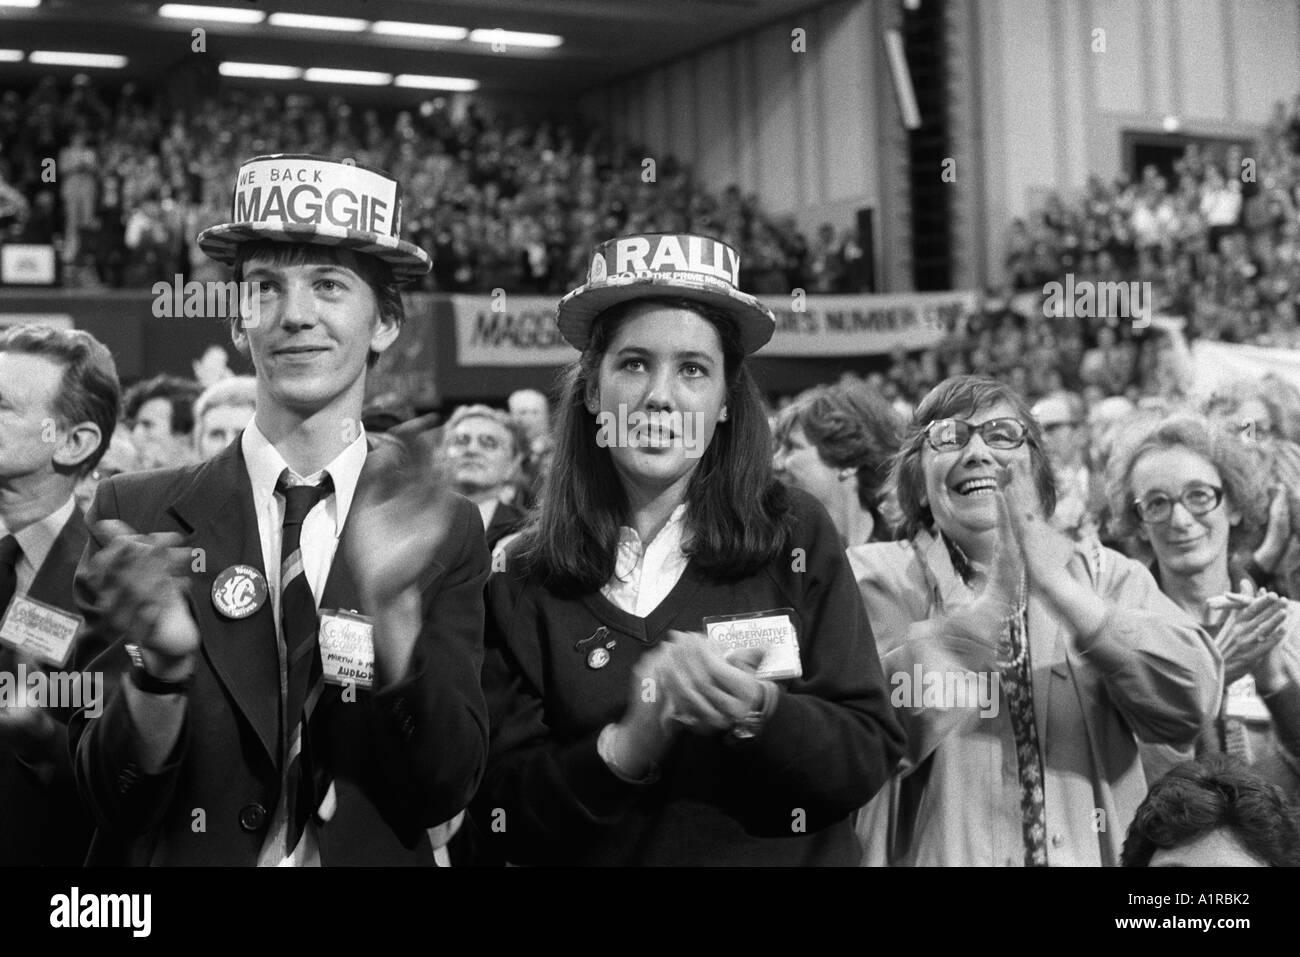 Jóvenes Conservadores con sombreros aplaudir a su líder. Conferencia del  partido conservador de 1983 contraatacan b3c20bd0319